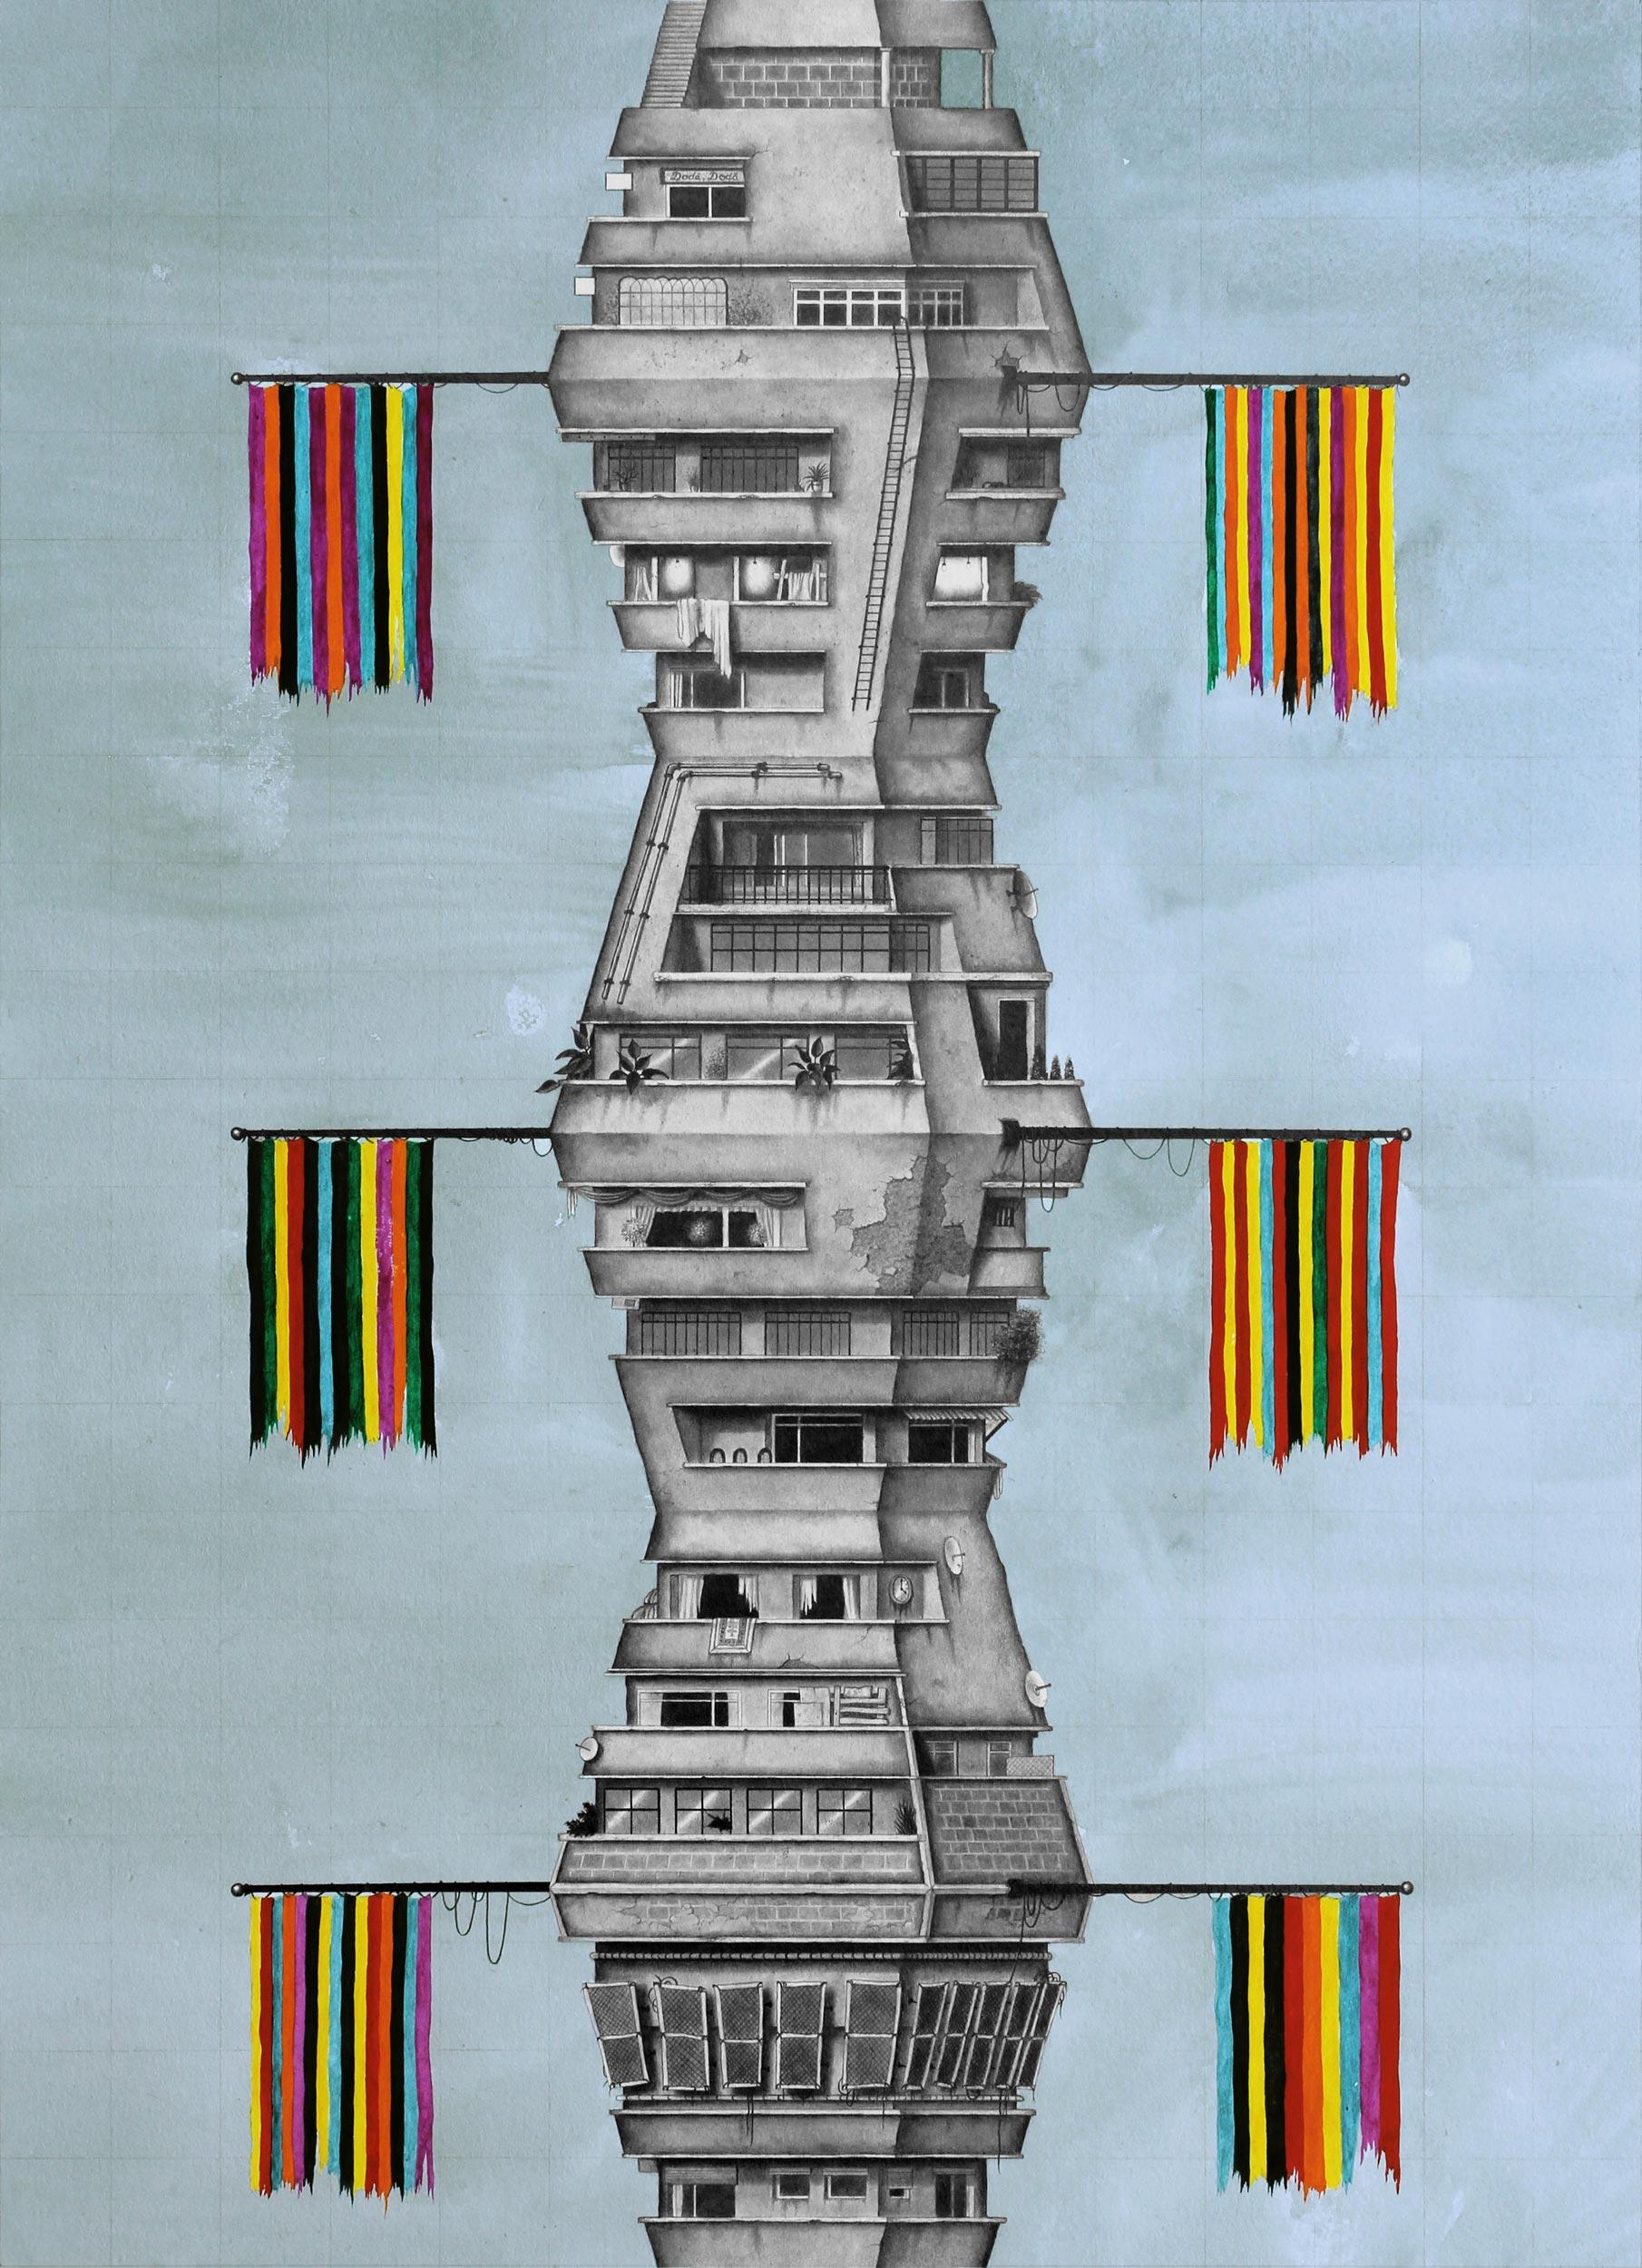 BA DA, DODA (A ROUTINE PARADE) - Watercolour and pencil on archival paper30 x 42 cm2017